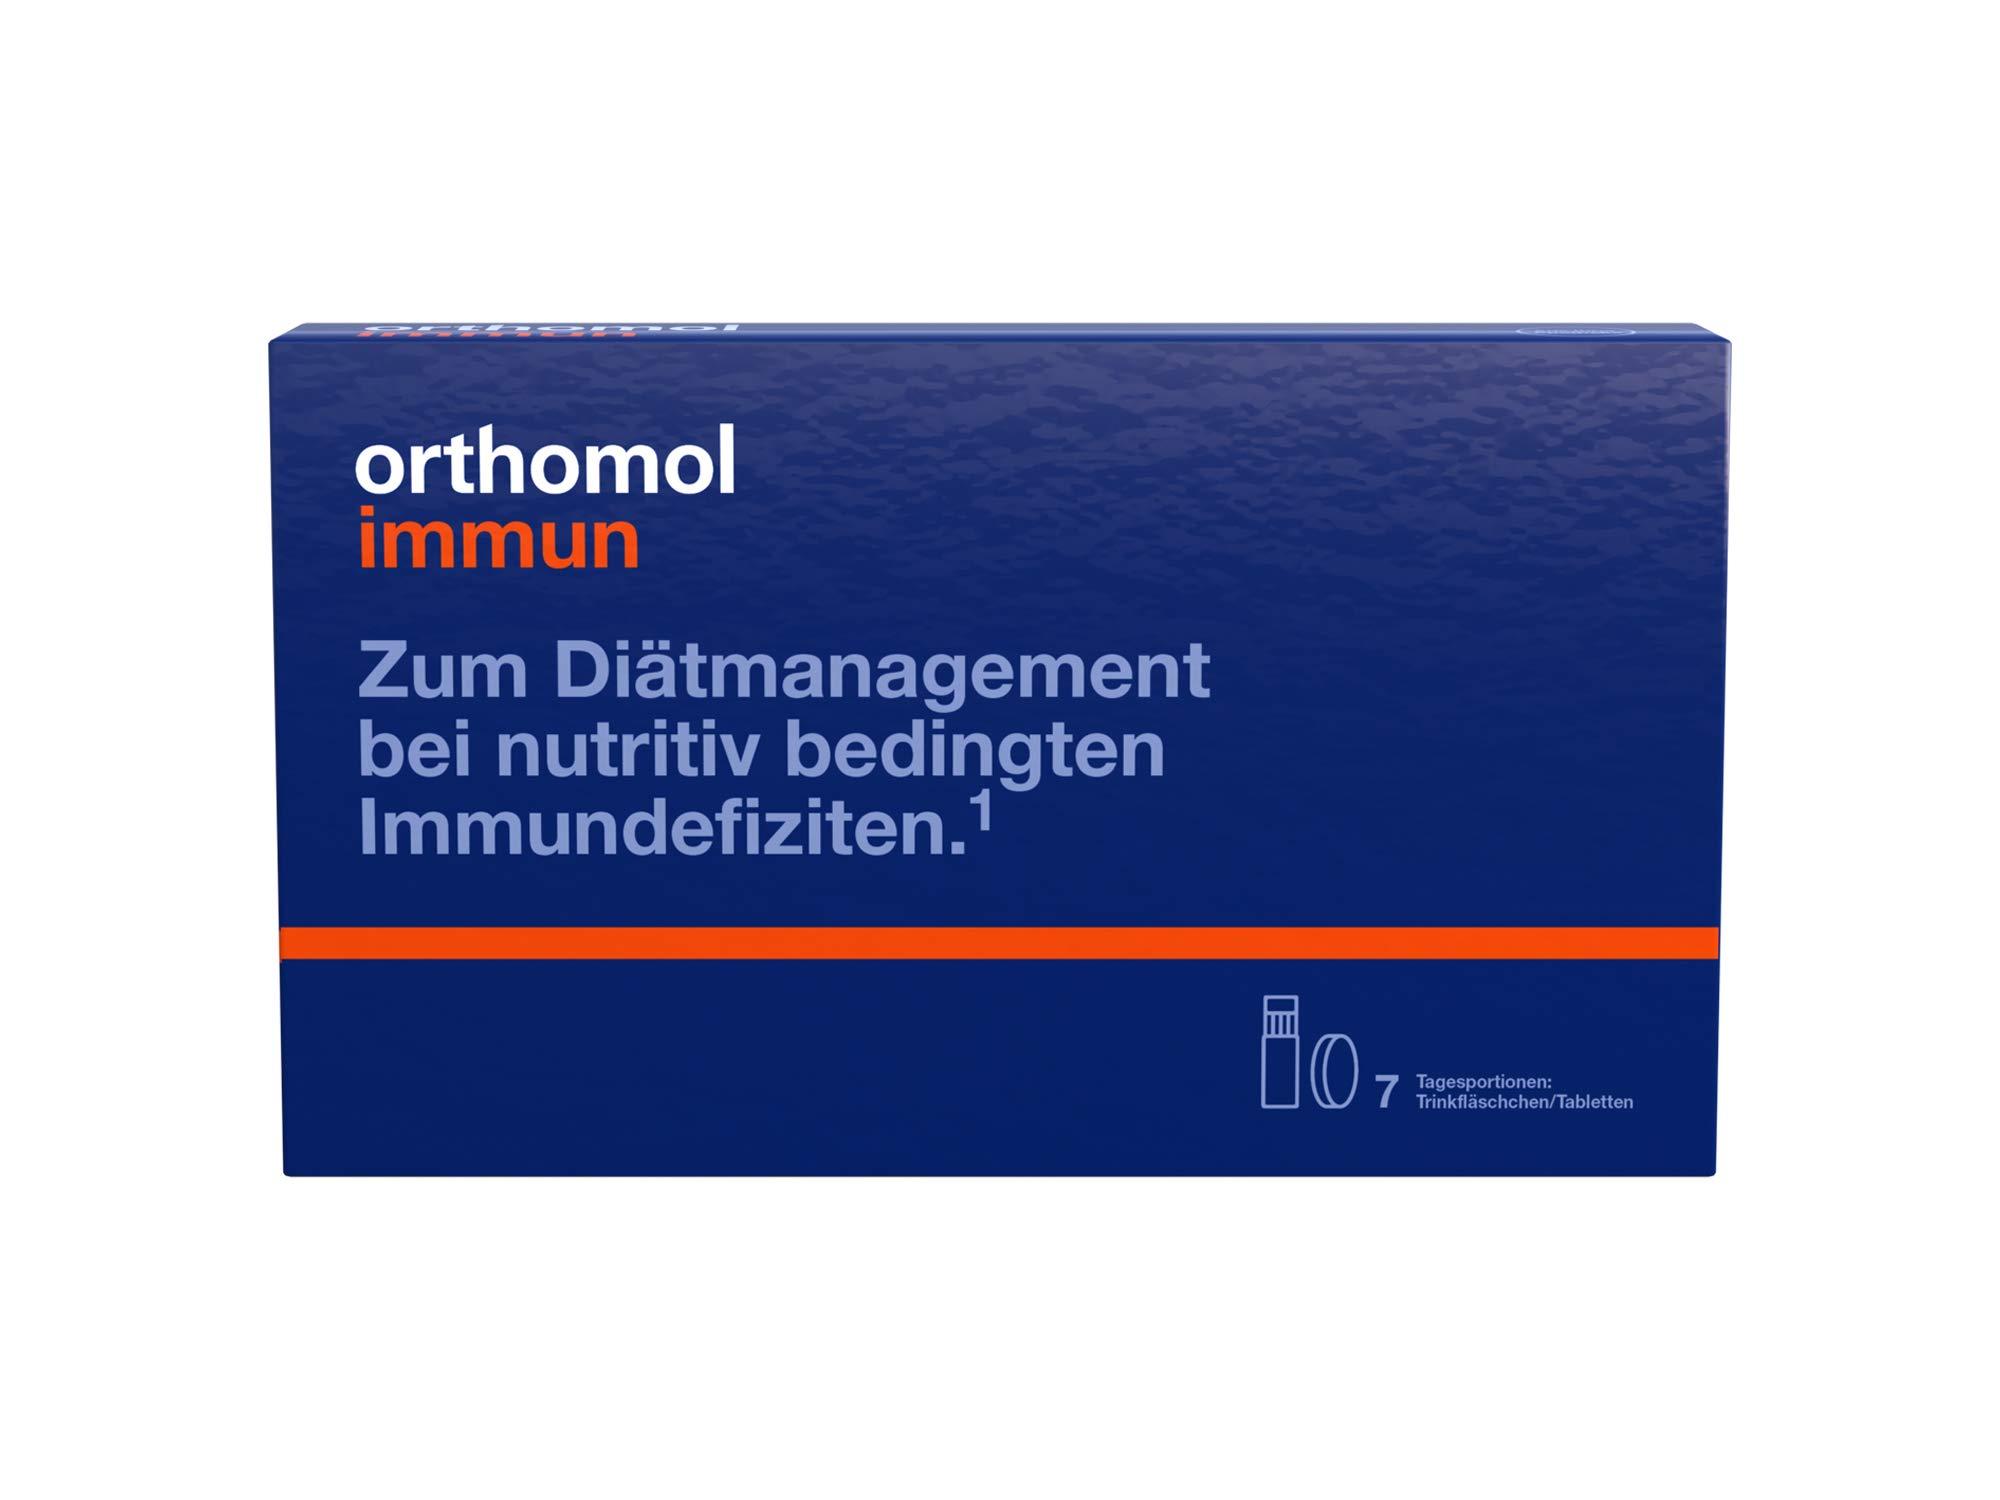 Orthomol immun FlŠschchen/Tabletten, 7 days Portionen